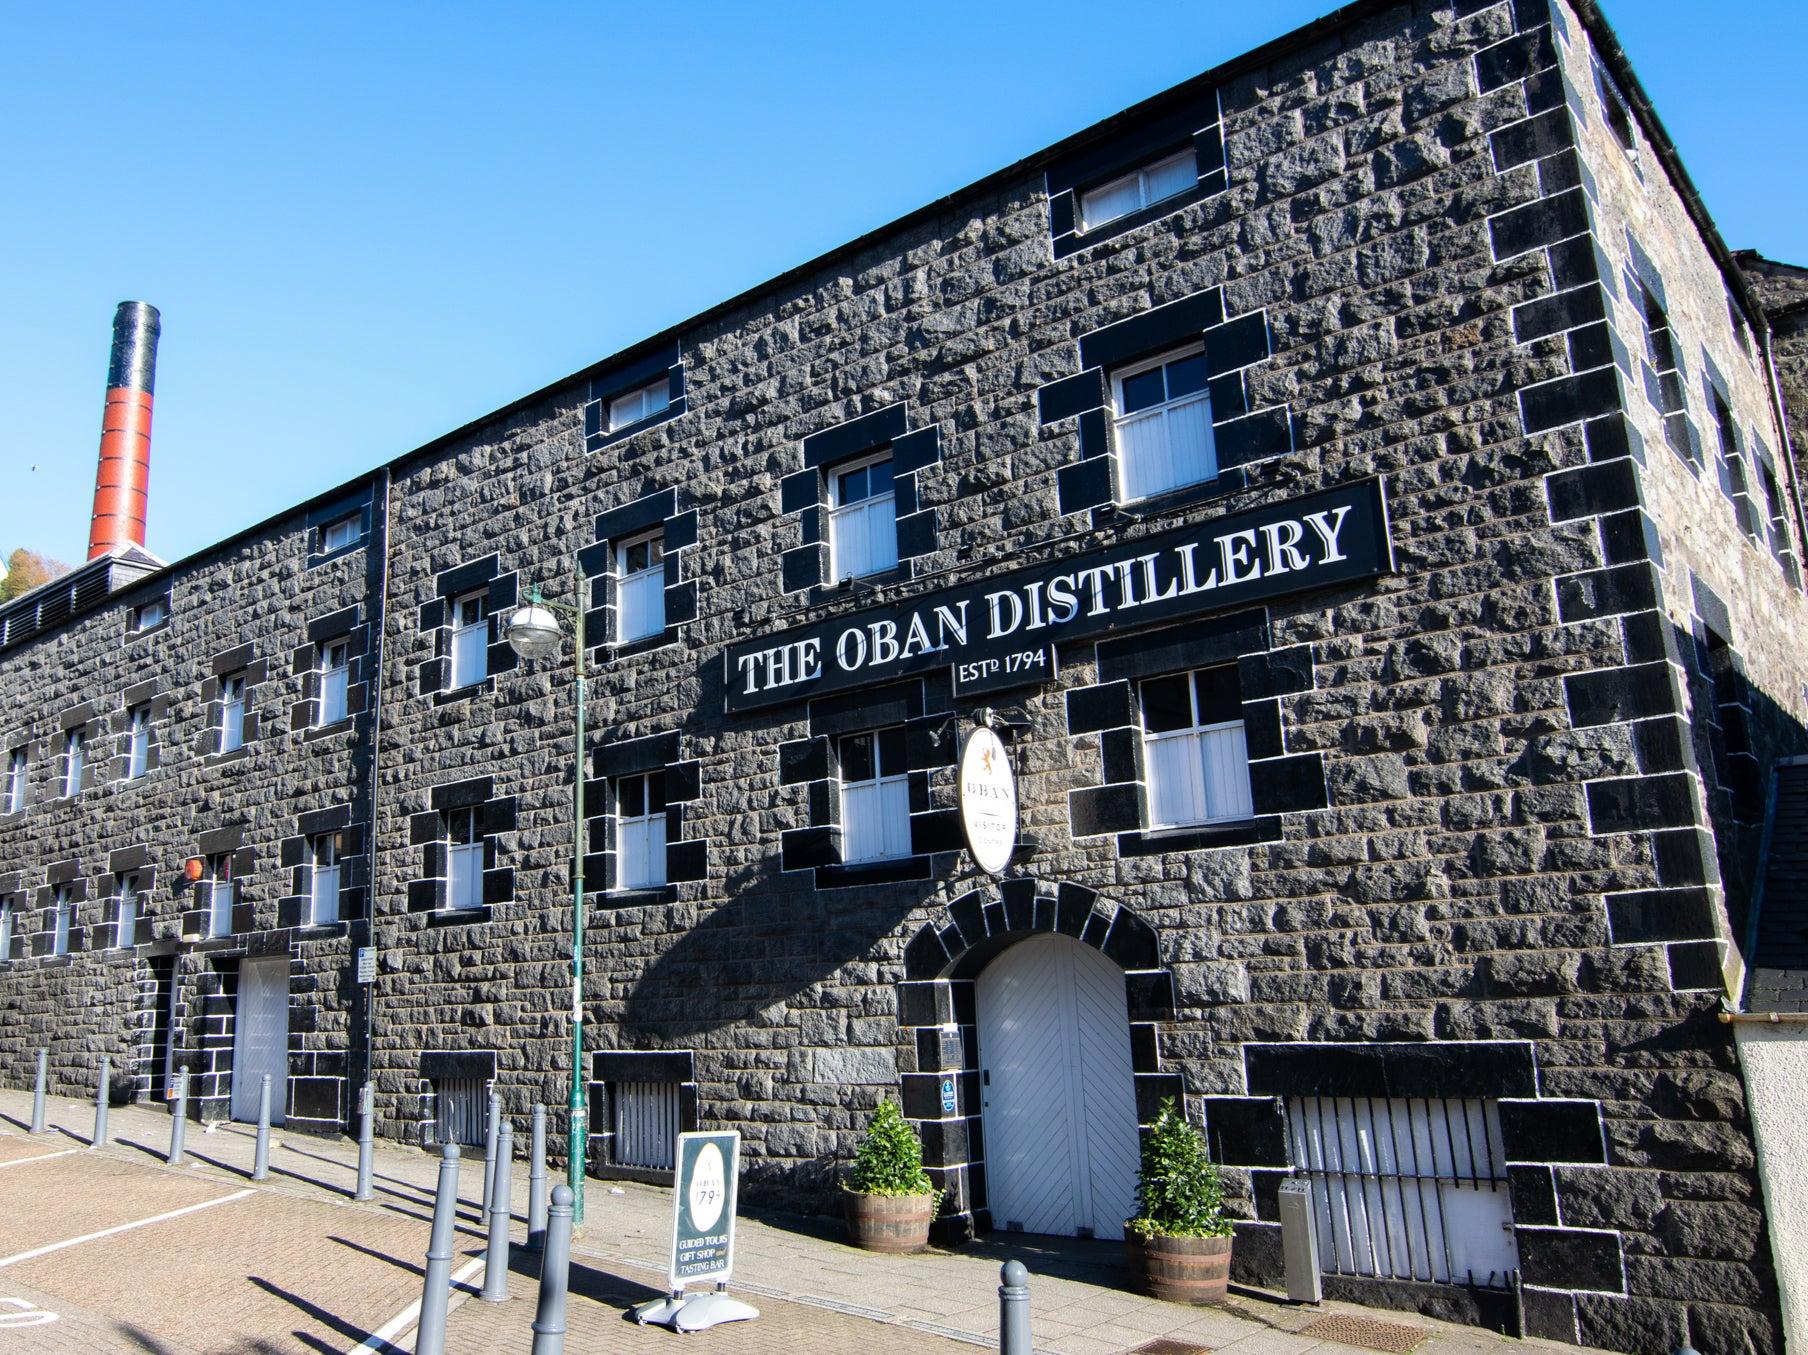 Scotch distilleries to become net-zero under Diageo sustainability plans